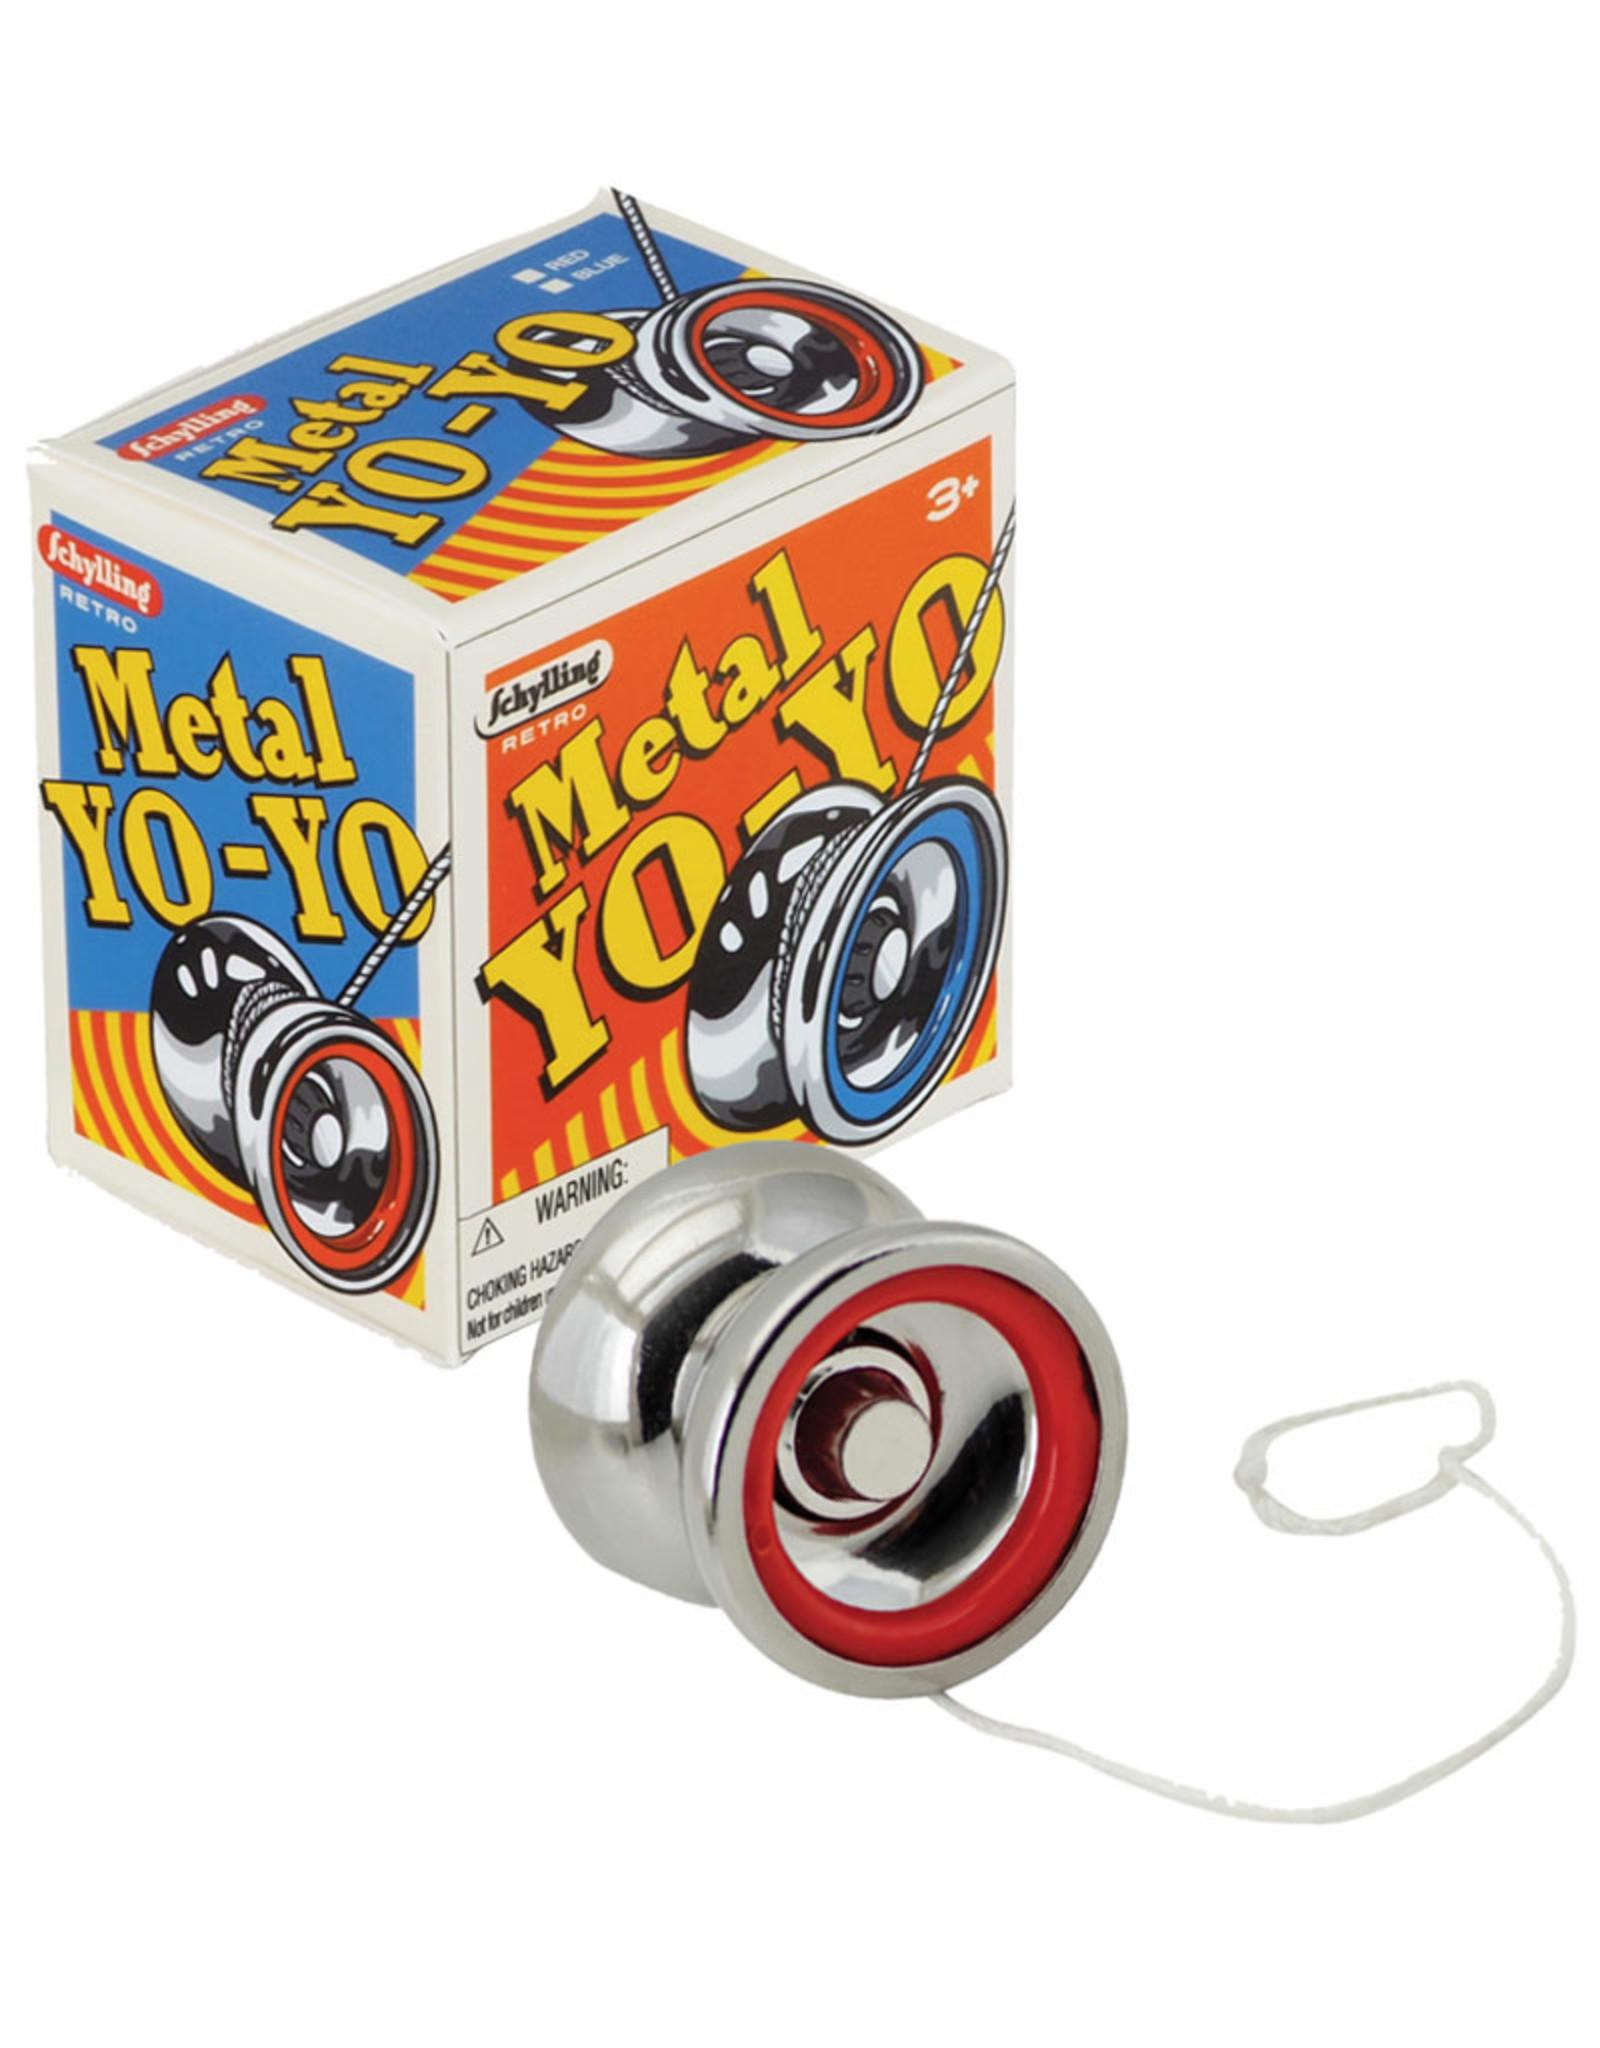 Metal Yo-Yo ( Retro Toy )